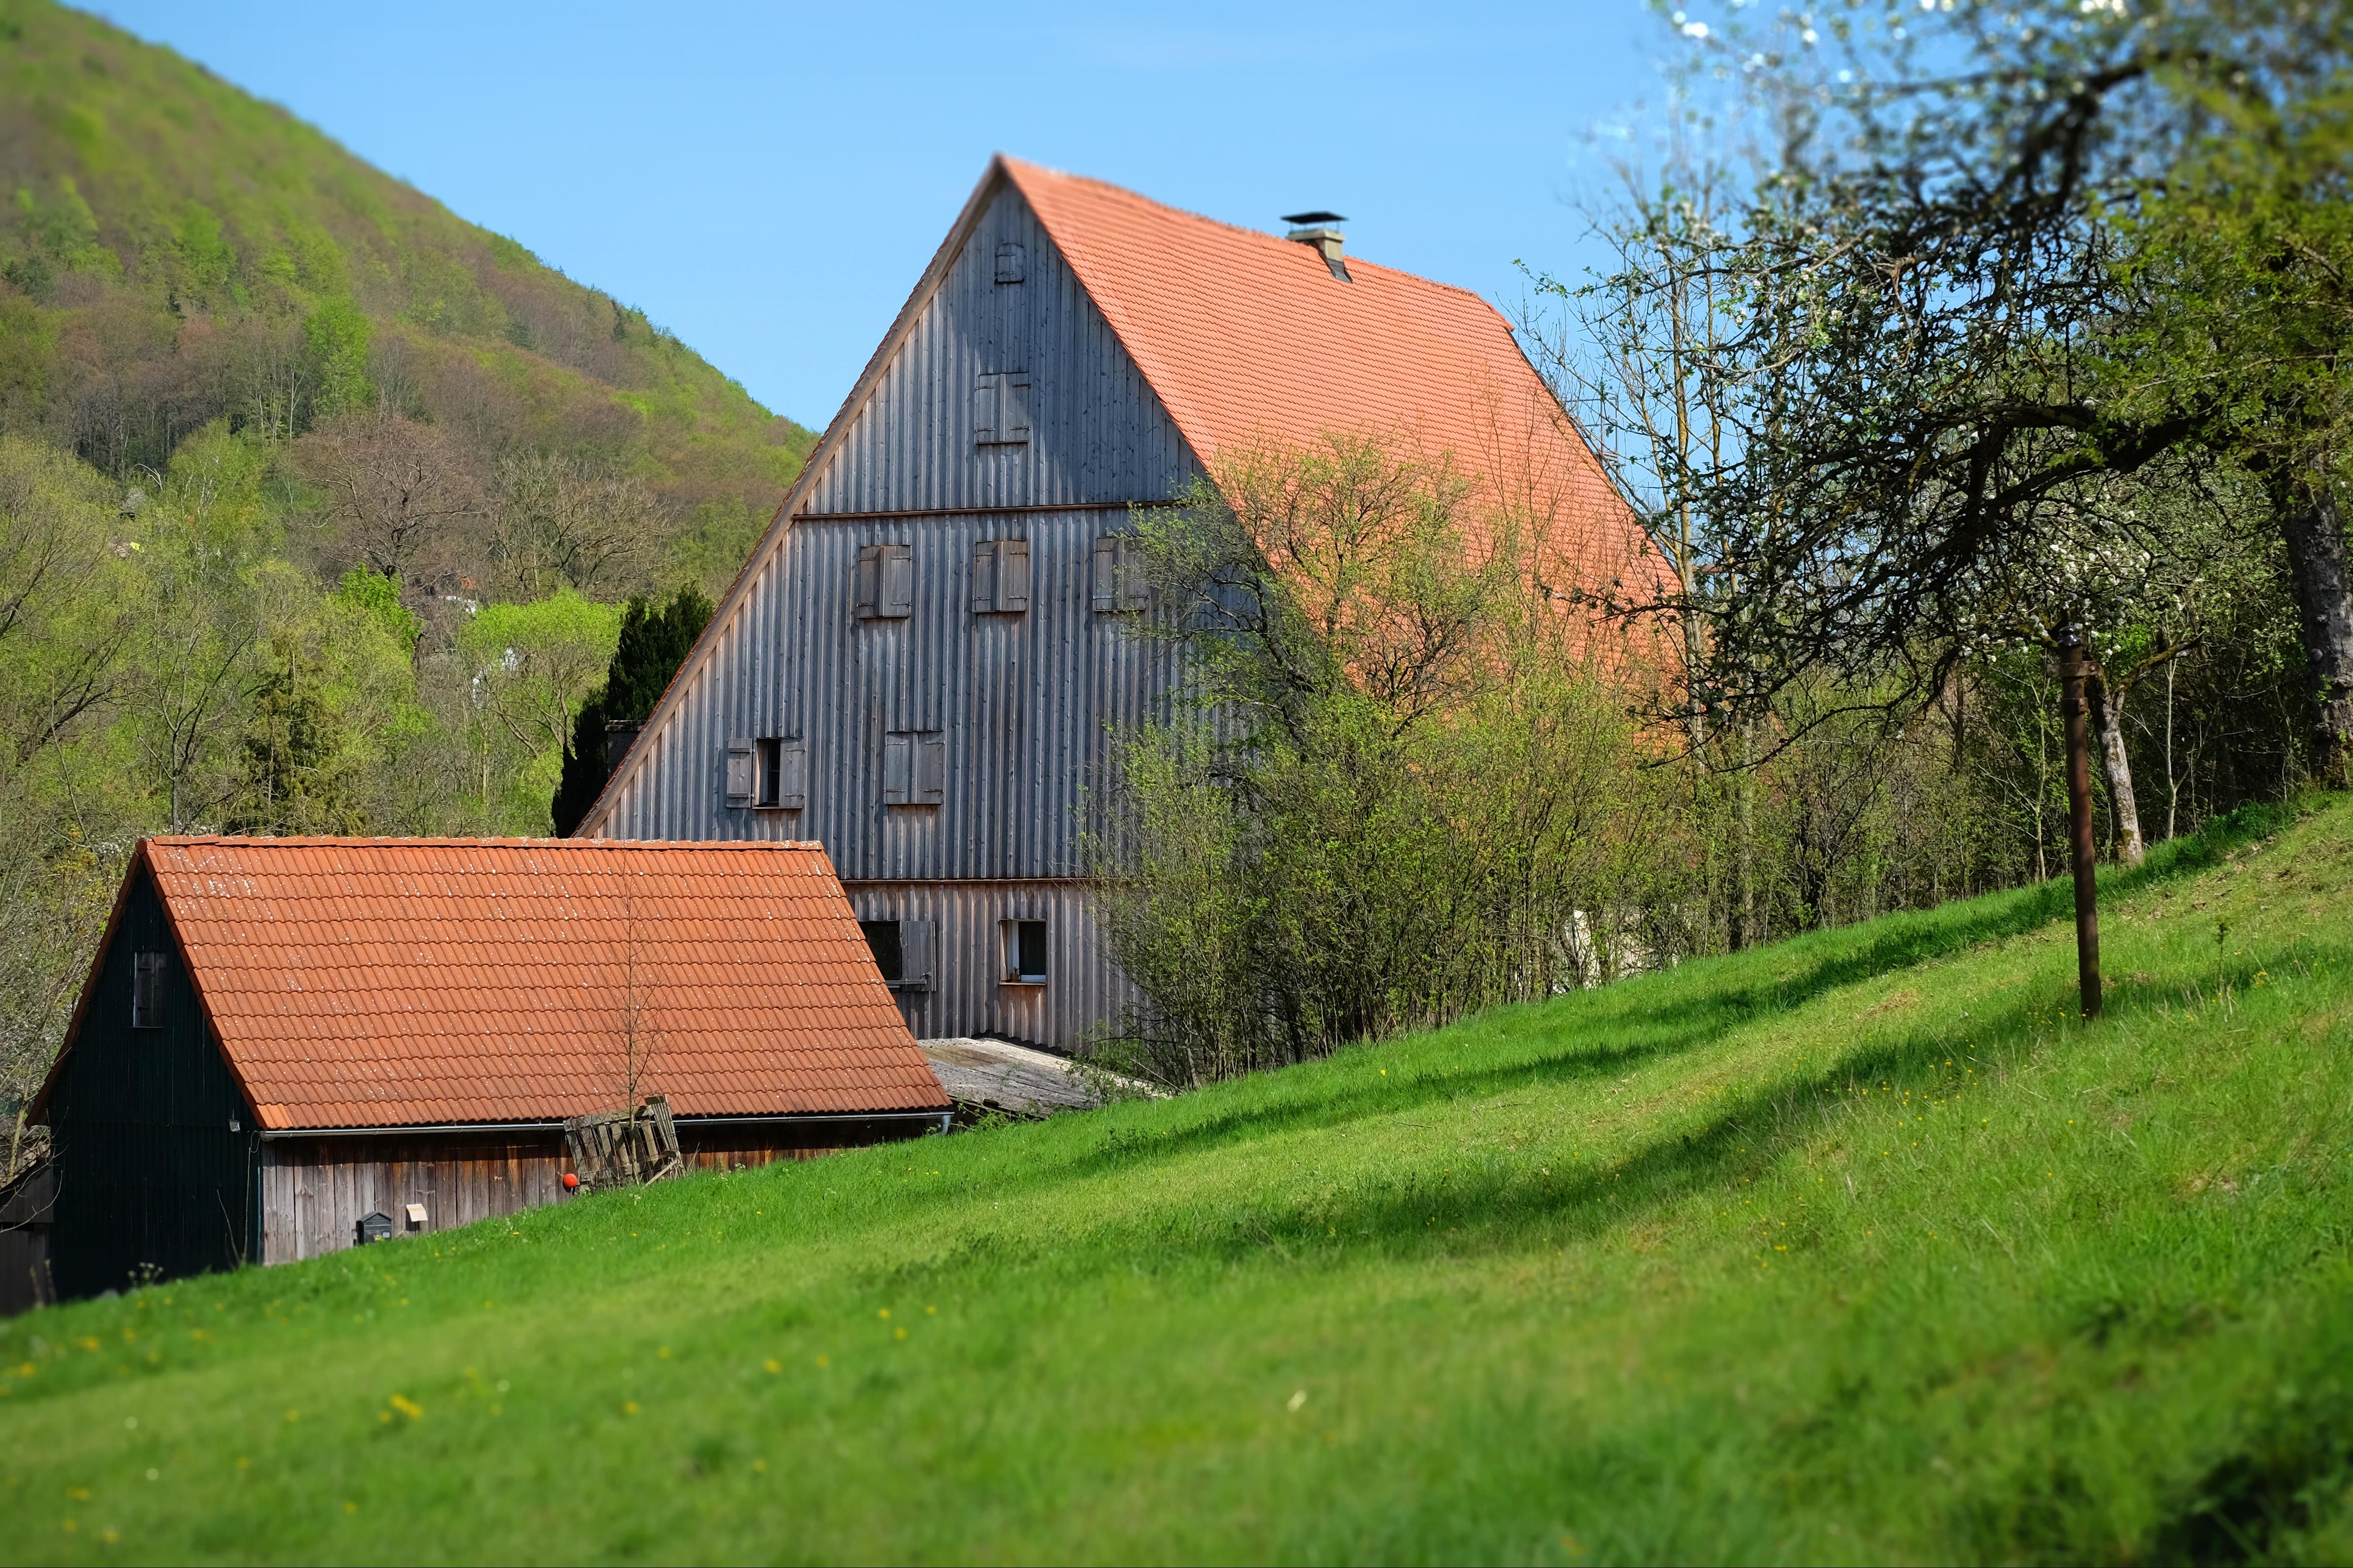 Bauernhaus in der Hersbrucker Alb